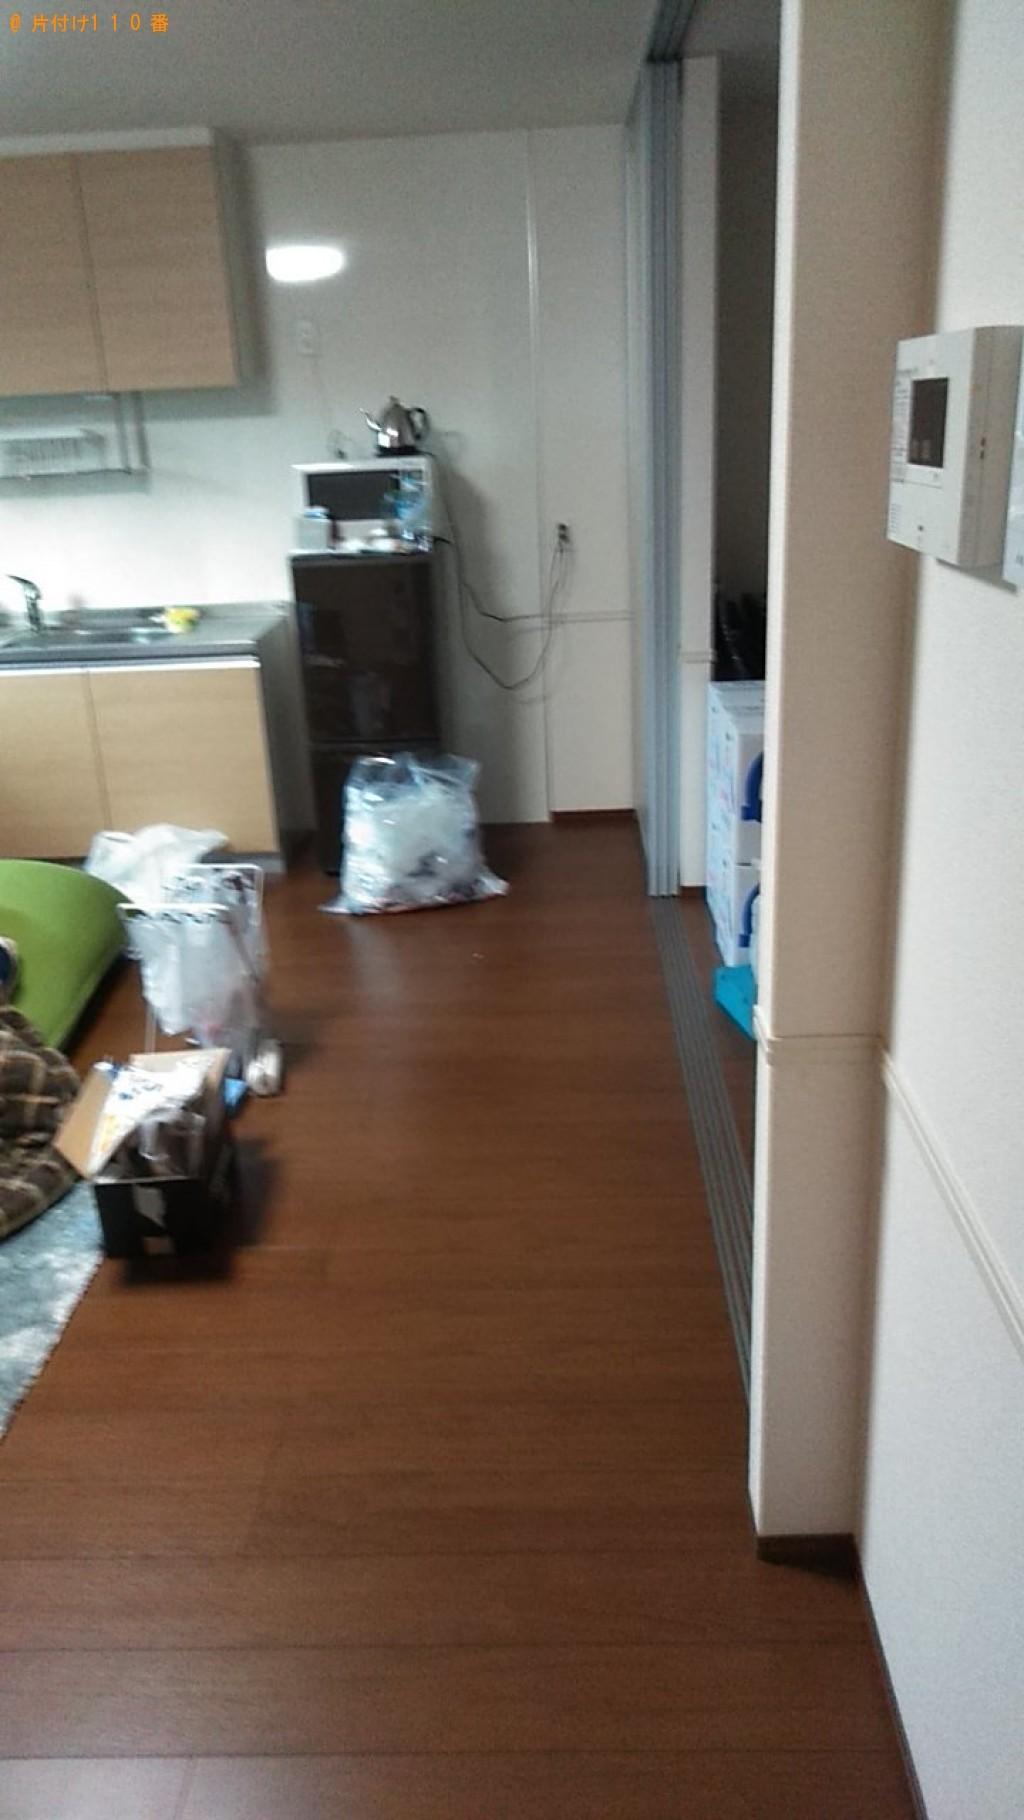 【松山市】テレビ台、収納棚、セミダブルベッドの回収・処分ご依頼